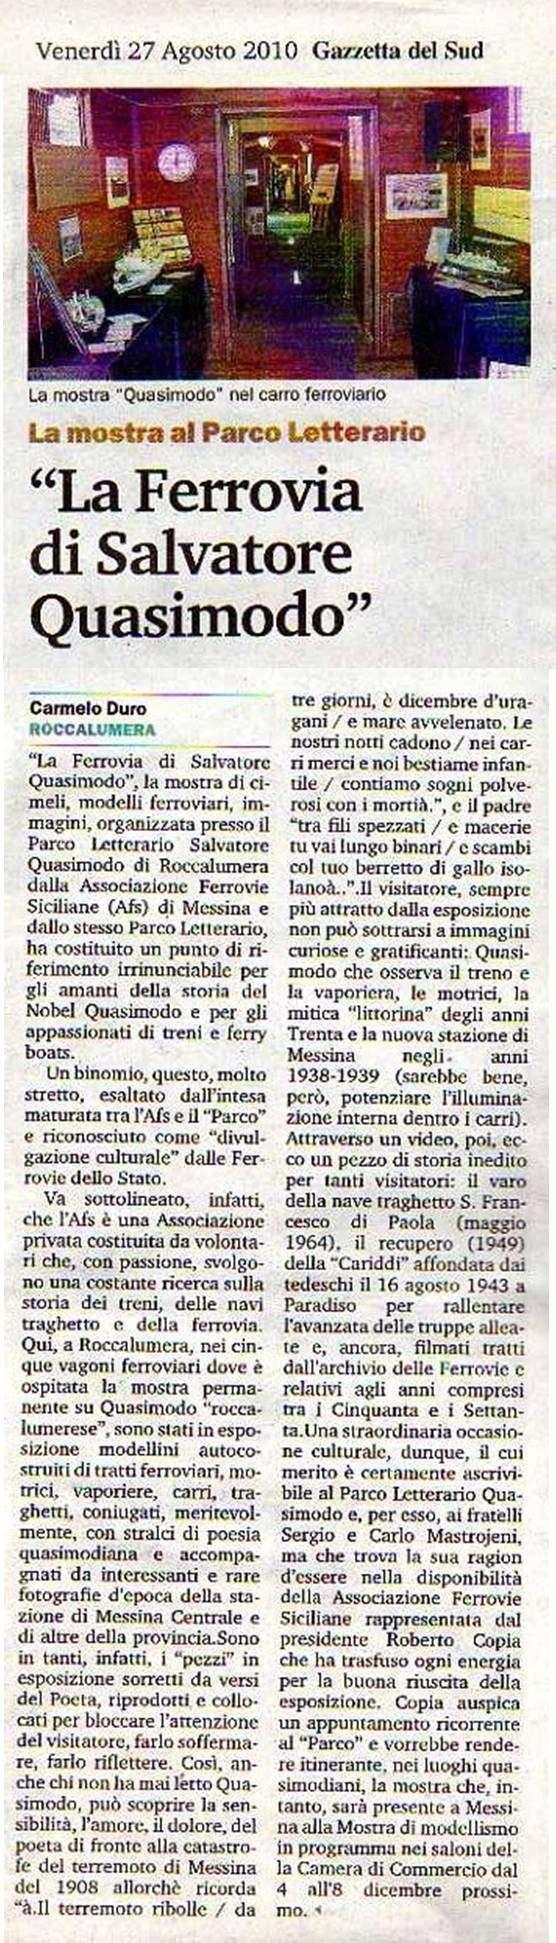 7 e 8 agosto 2010 - Parco Letterario Salvatore Quasimodo, Roccalumera  (Messina) - Pagina 2 Artico18